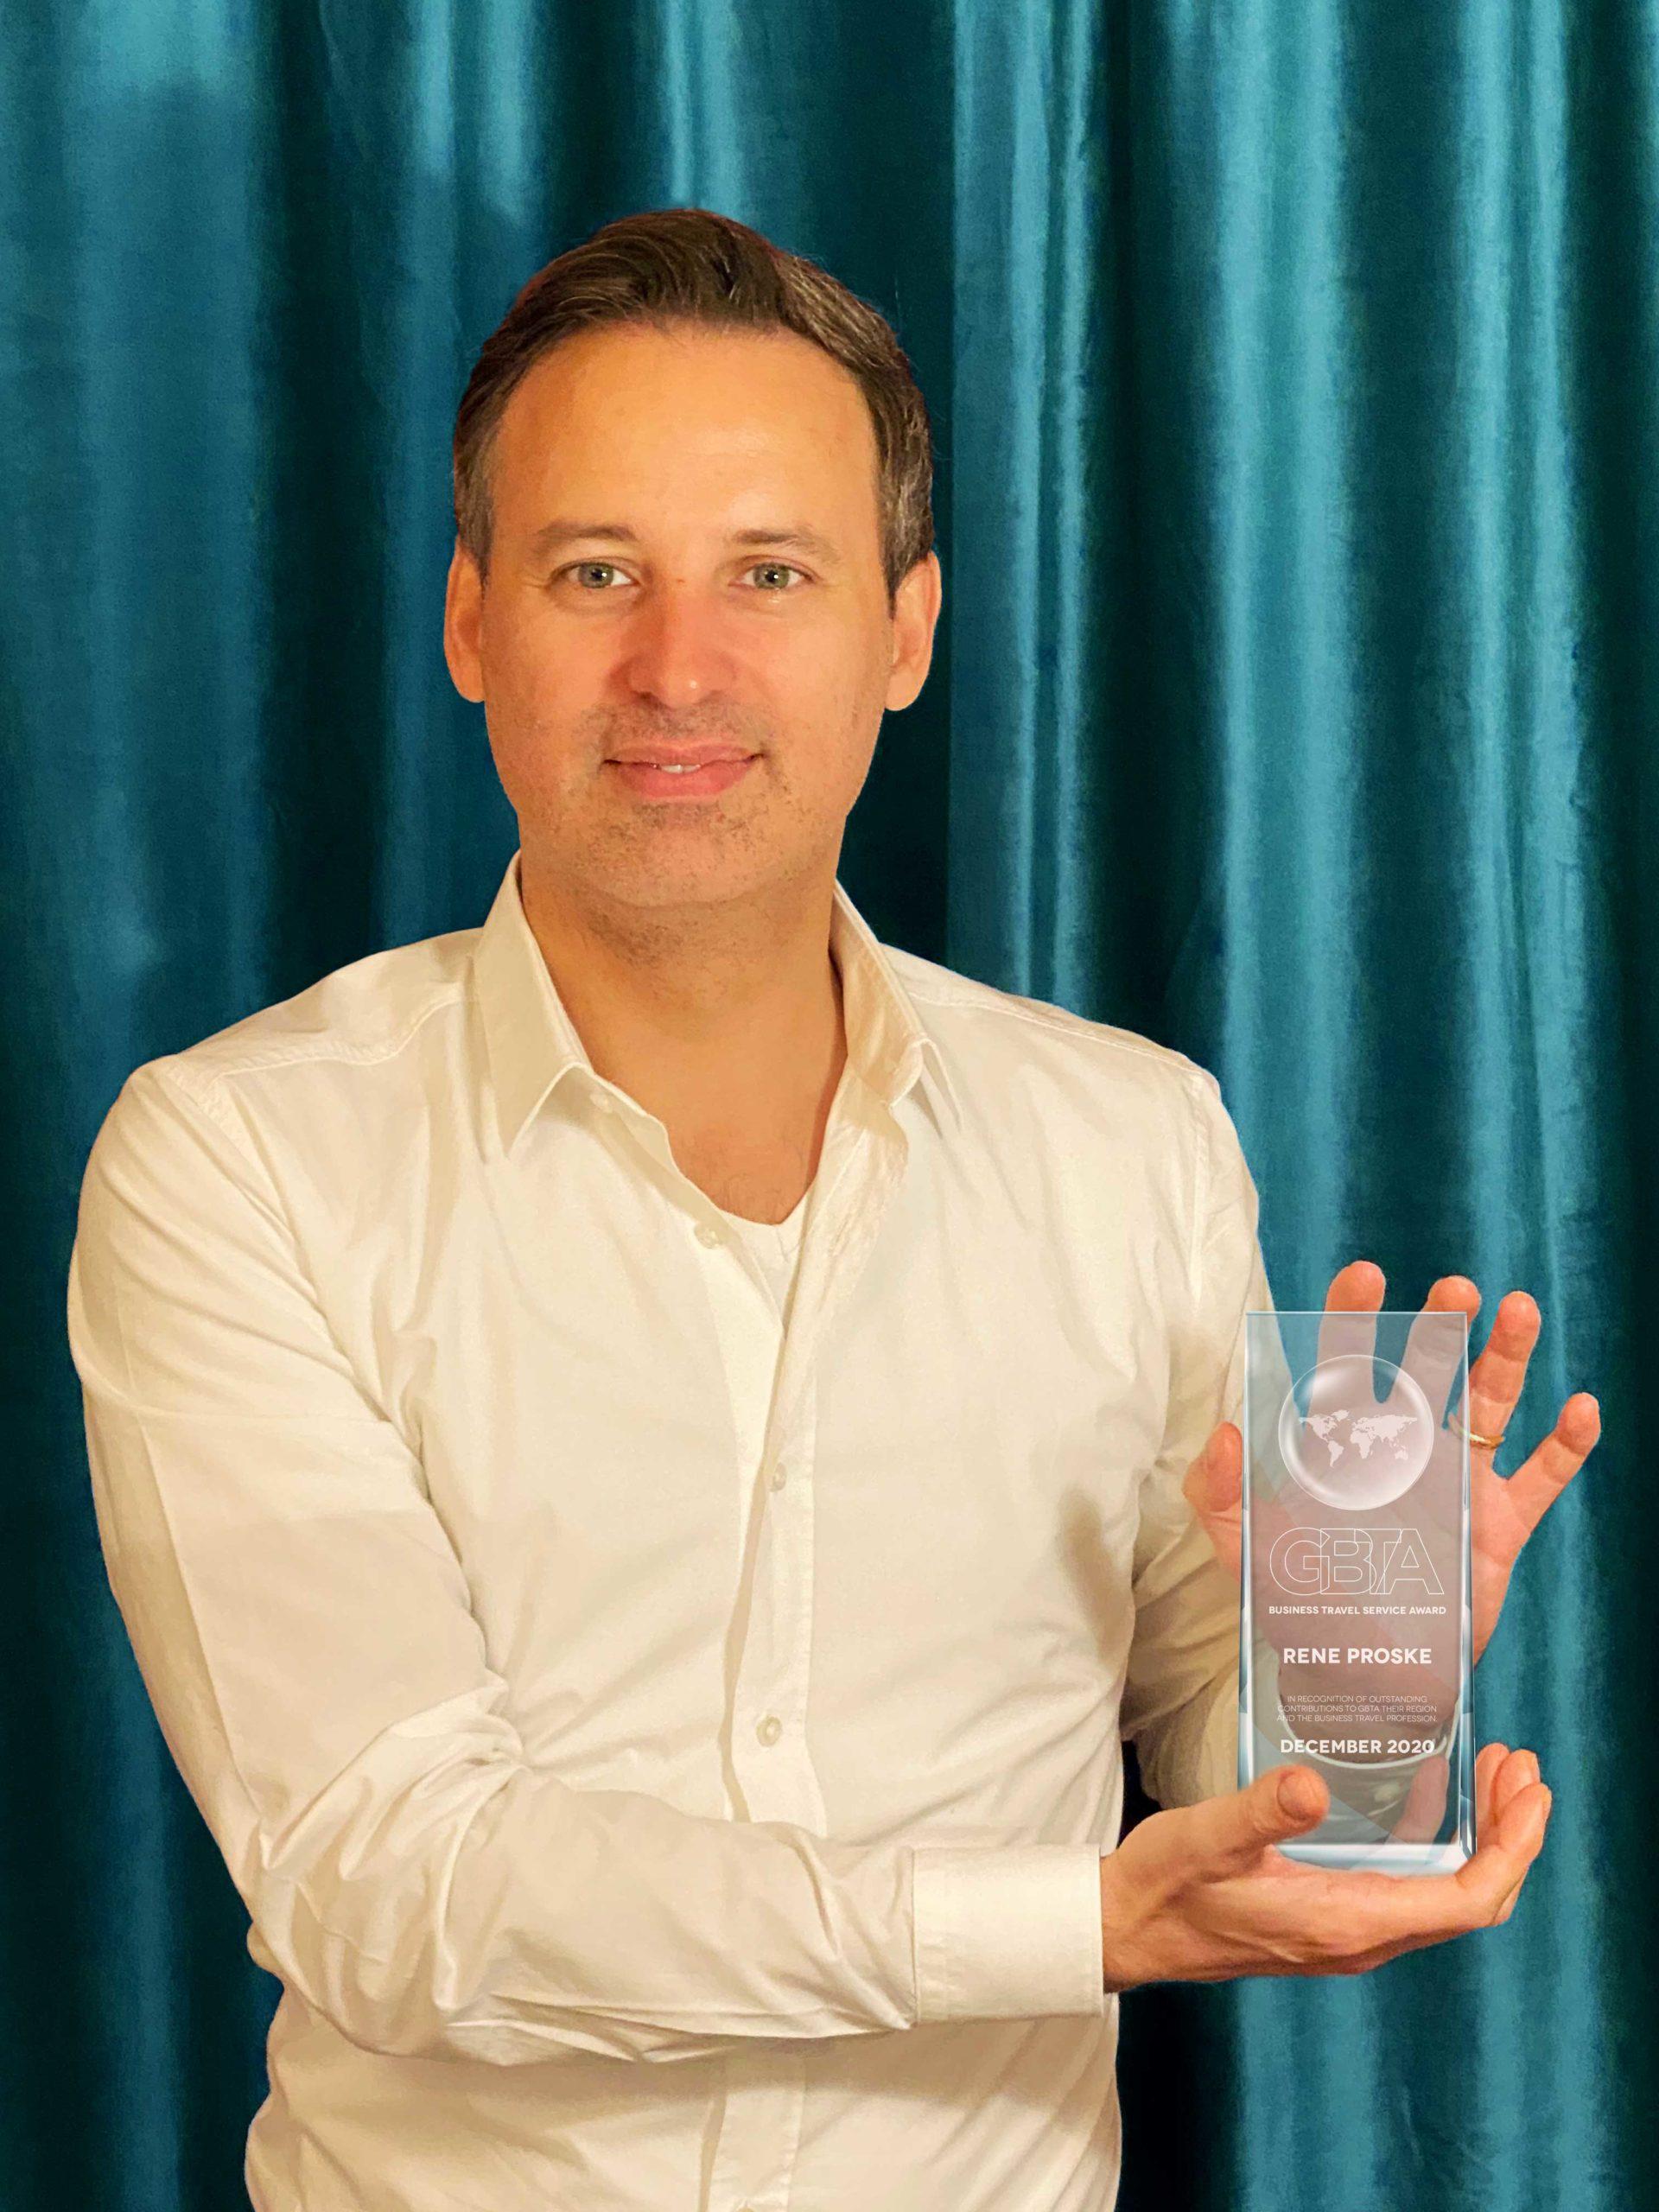 René Proske mit GBTA Award ausgezeichnet